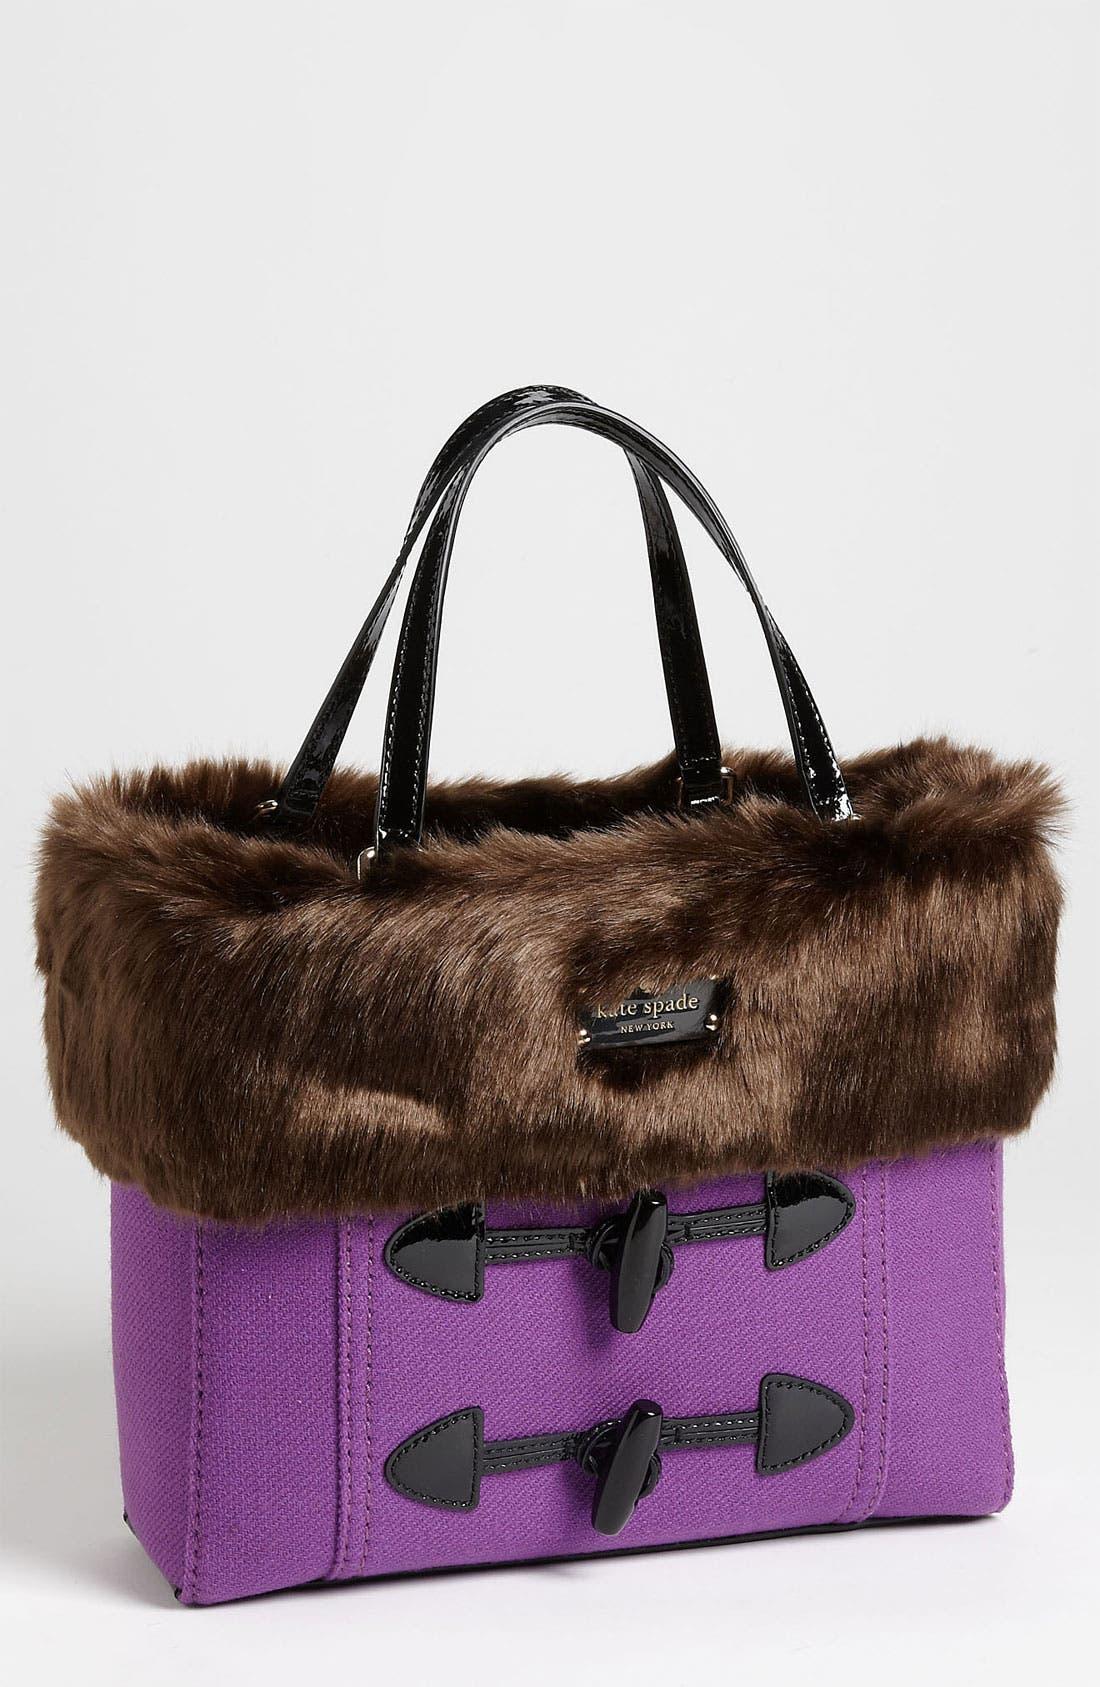 Alternate Image 1 Selected - kate spade new york 'foxtrot hill - quinn' handbag